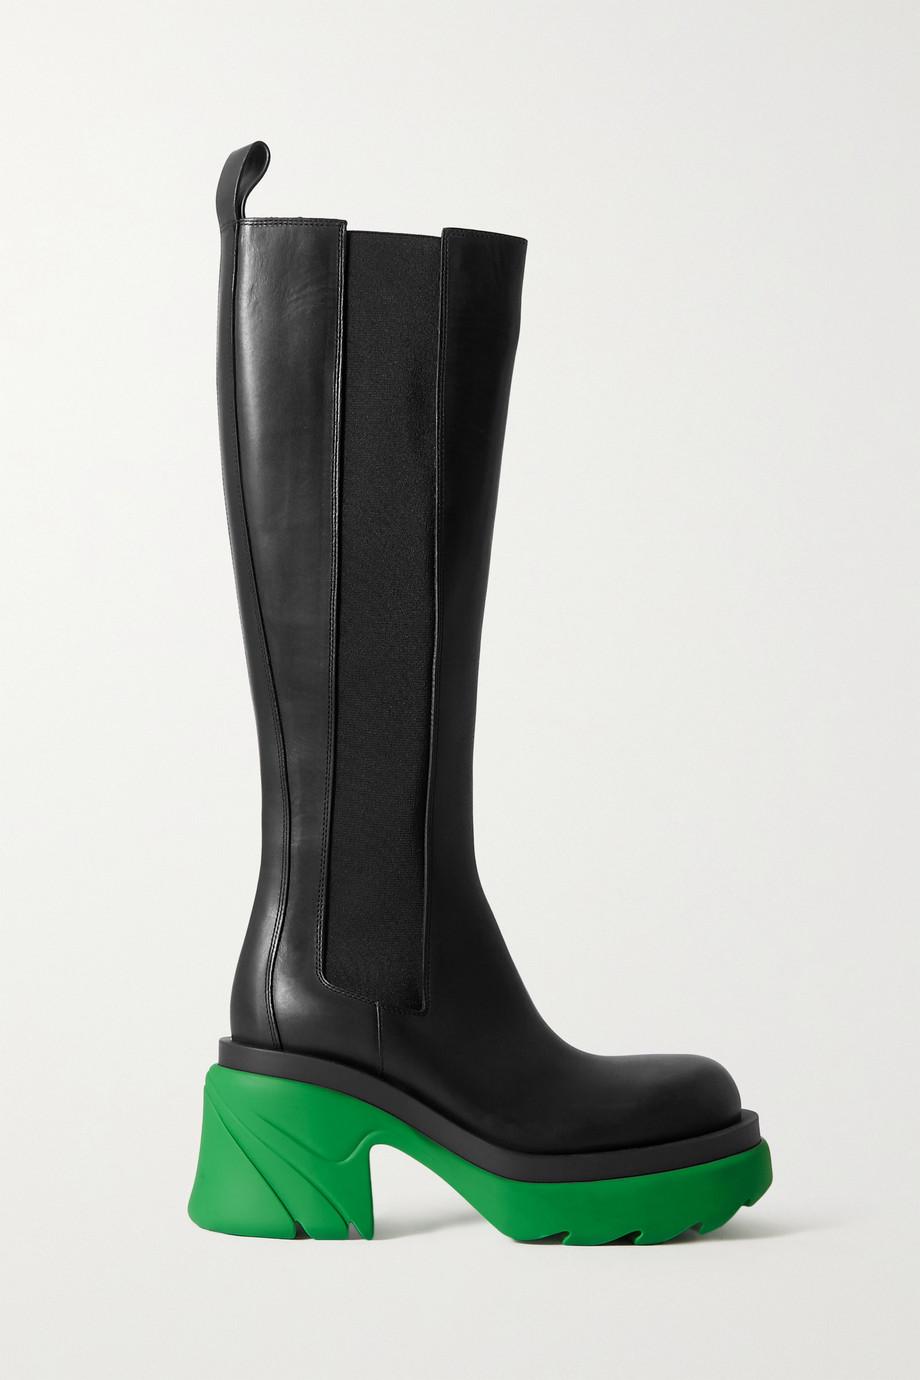 Bottega Veneta Leather platform knee boots